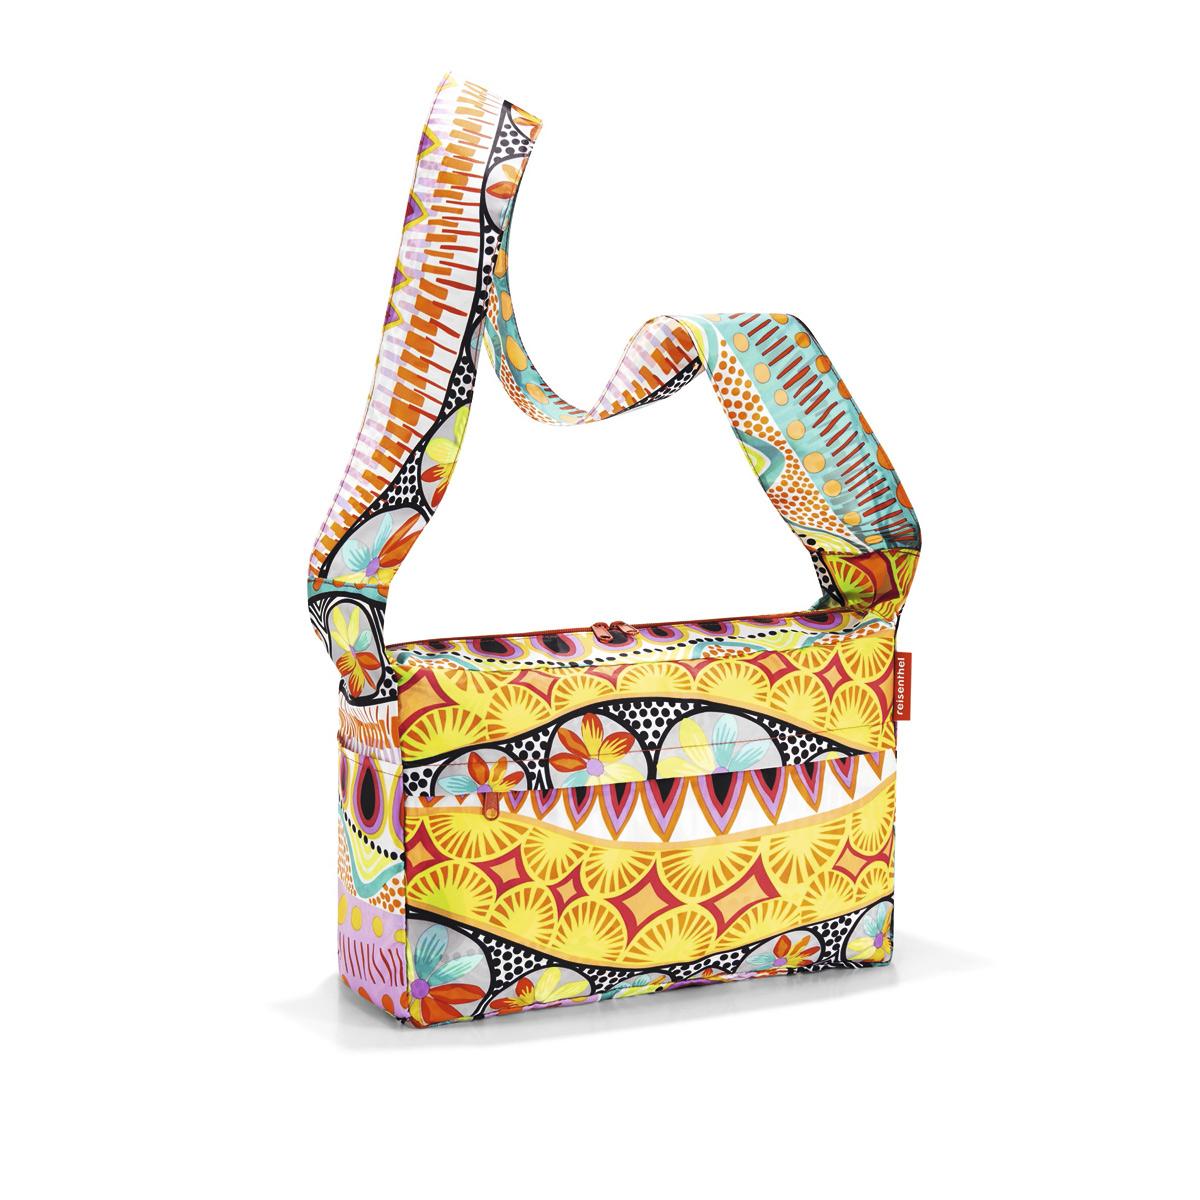 Сумка женская Reisenthel, складная, цвет: желтый, мультиколор. AL2020AL2020Стильная женская сумка Reisenthel изготовлена из текстиля с оригинальным принтом. Сумка имеет одно отделение, которое закрывается на застежку-молнию с двумя бегунками. Внутри имеется нашивной карман на застежке-молнии, в который сумка складывается и приобретает компактный вид. Снаружи, на передней стенке расположен накладной карман на застежке-молнии. По бокам расположены открытые накладные карманы. Изделие оснащено удобным наплечным ремнем.